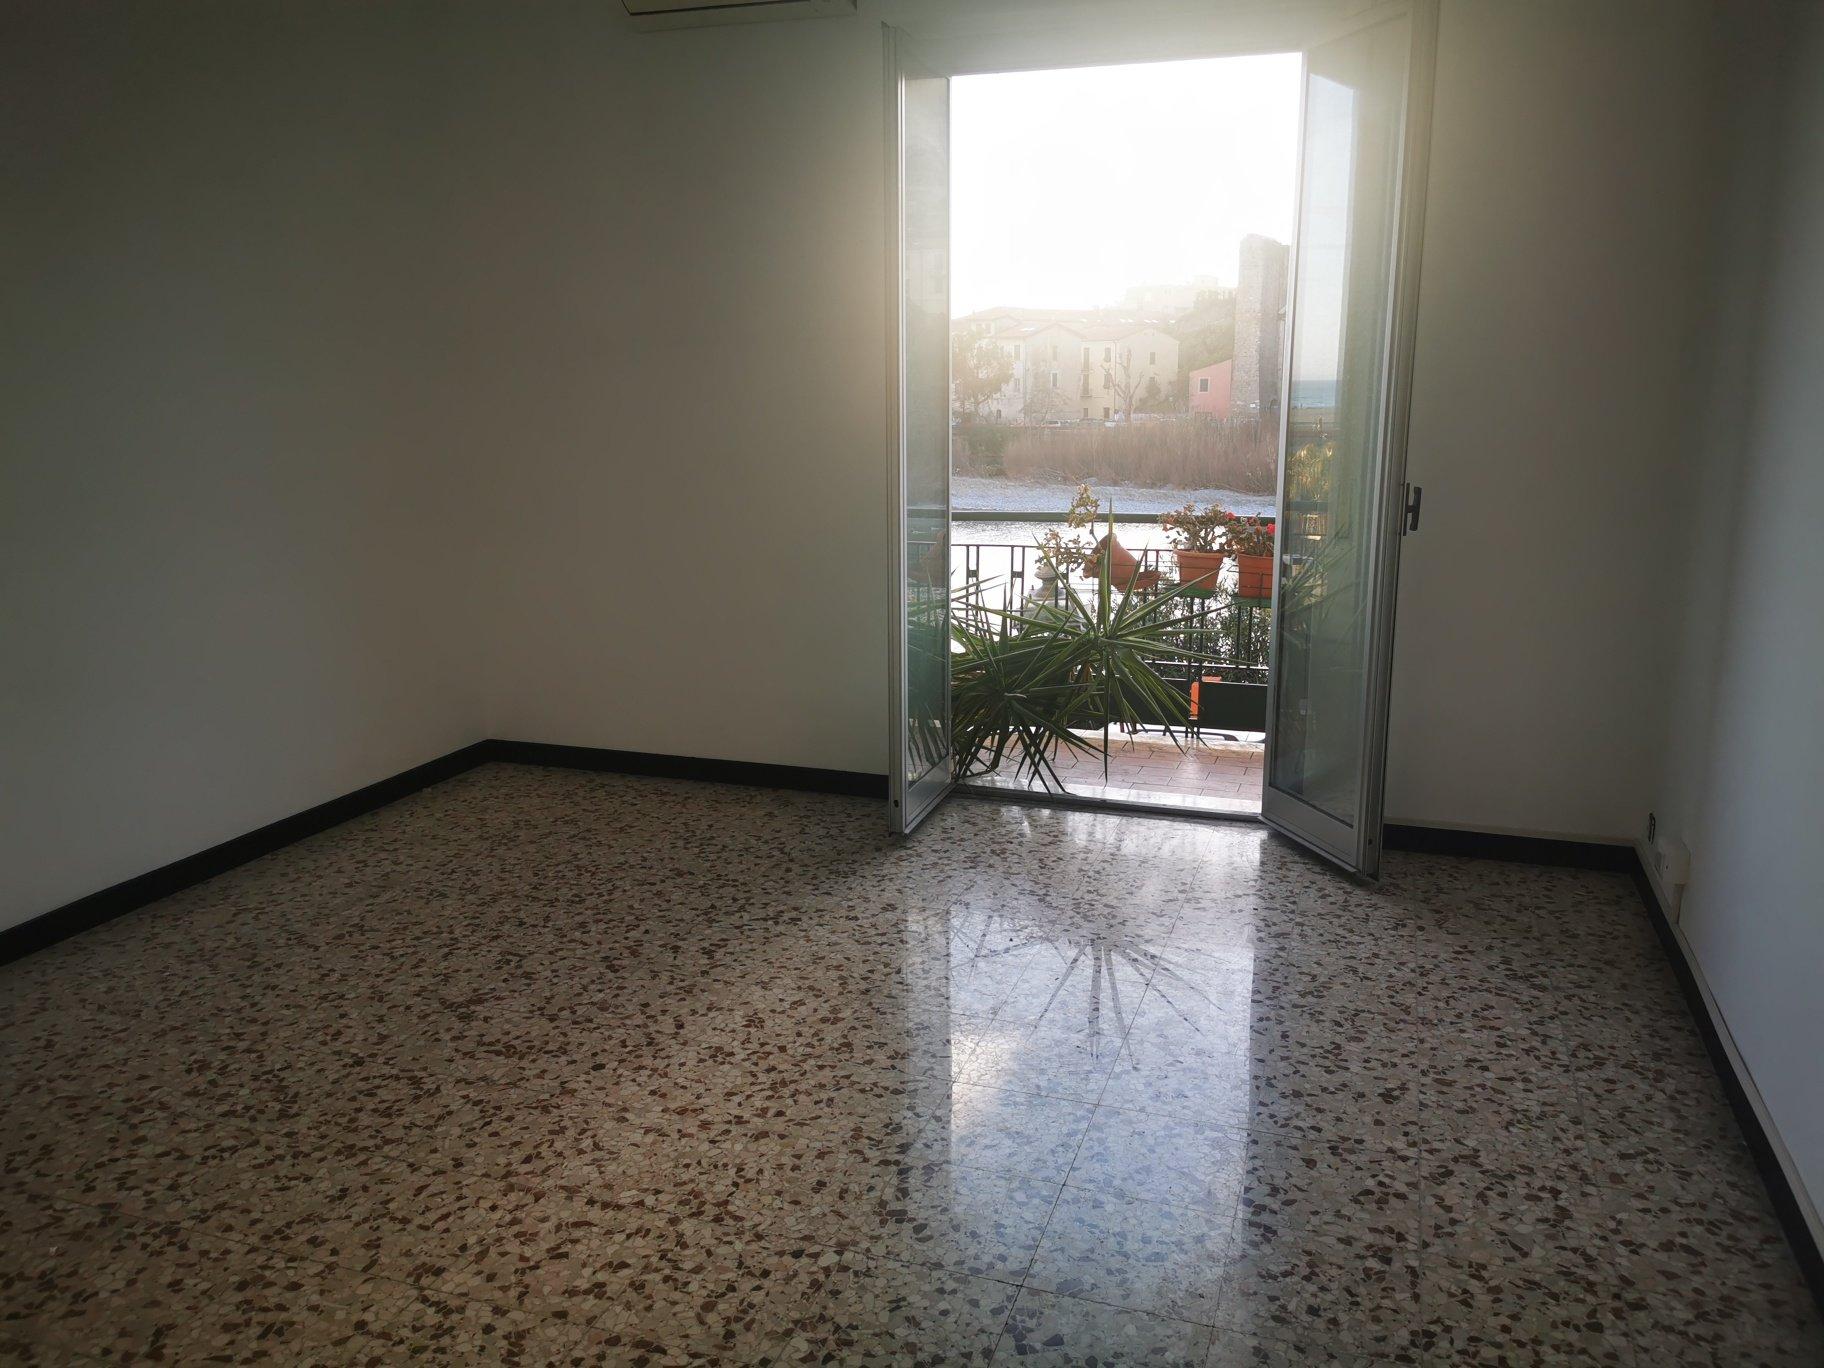 Vente Appartement - Vintimille (Ventimiglia) Centro - Italie